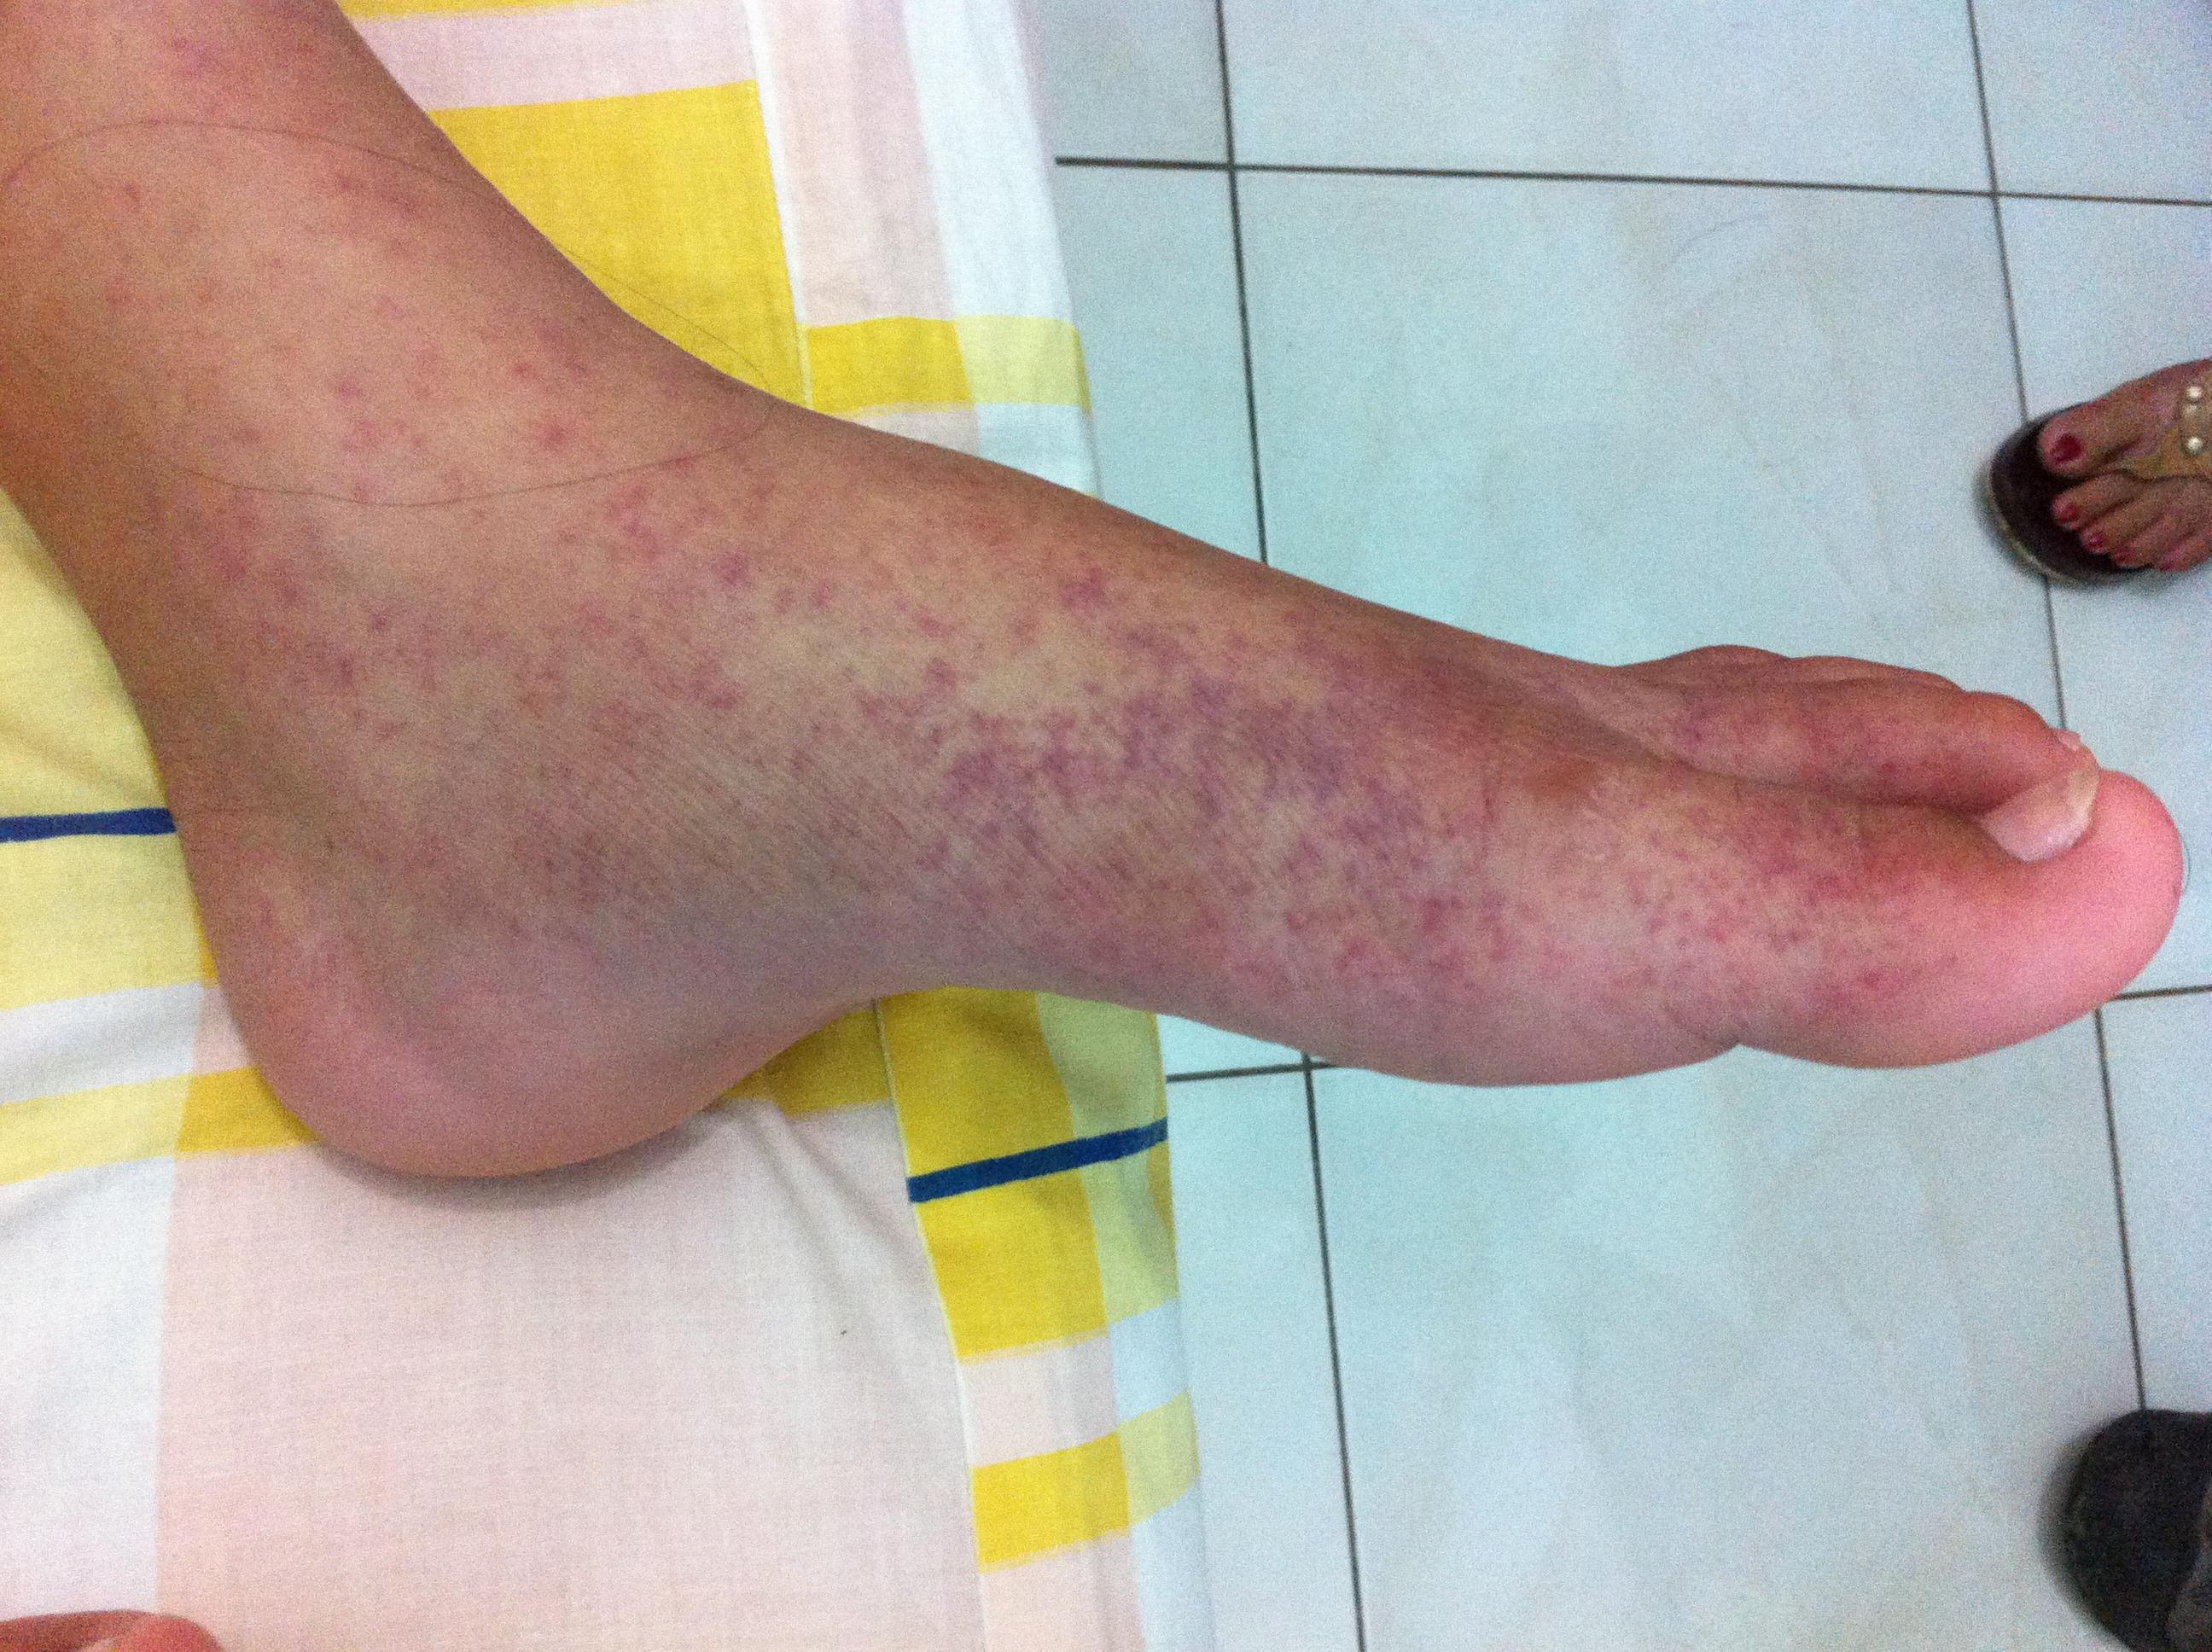 rheumatoid arthritis betegség kezelésére fájdalom a protézisízületben